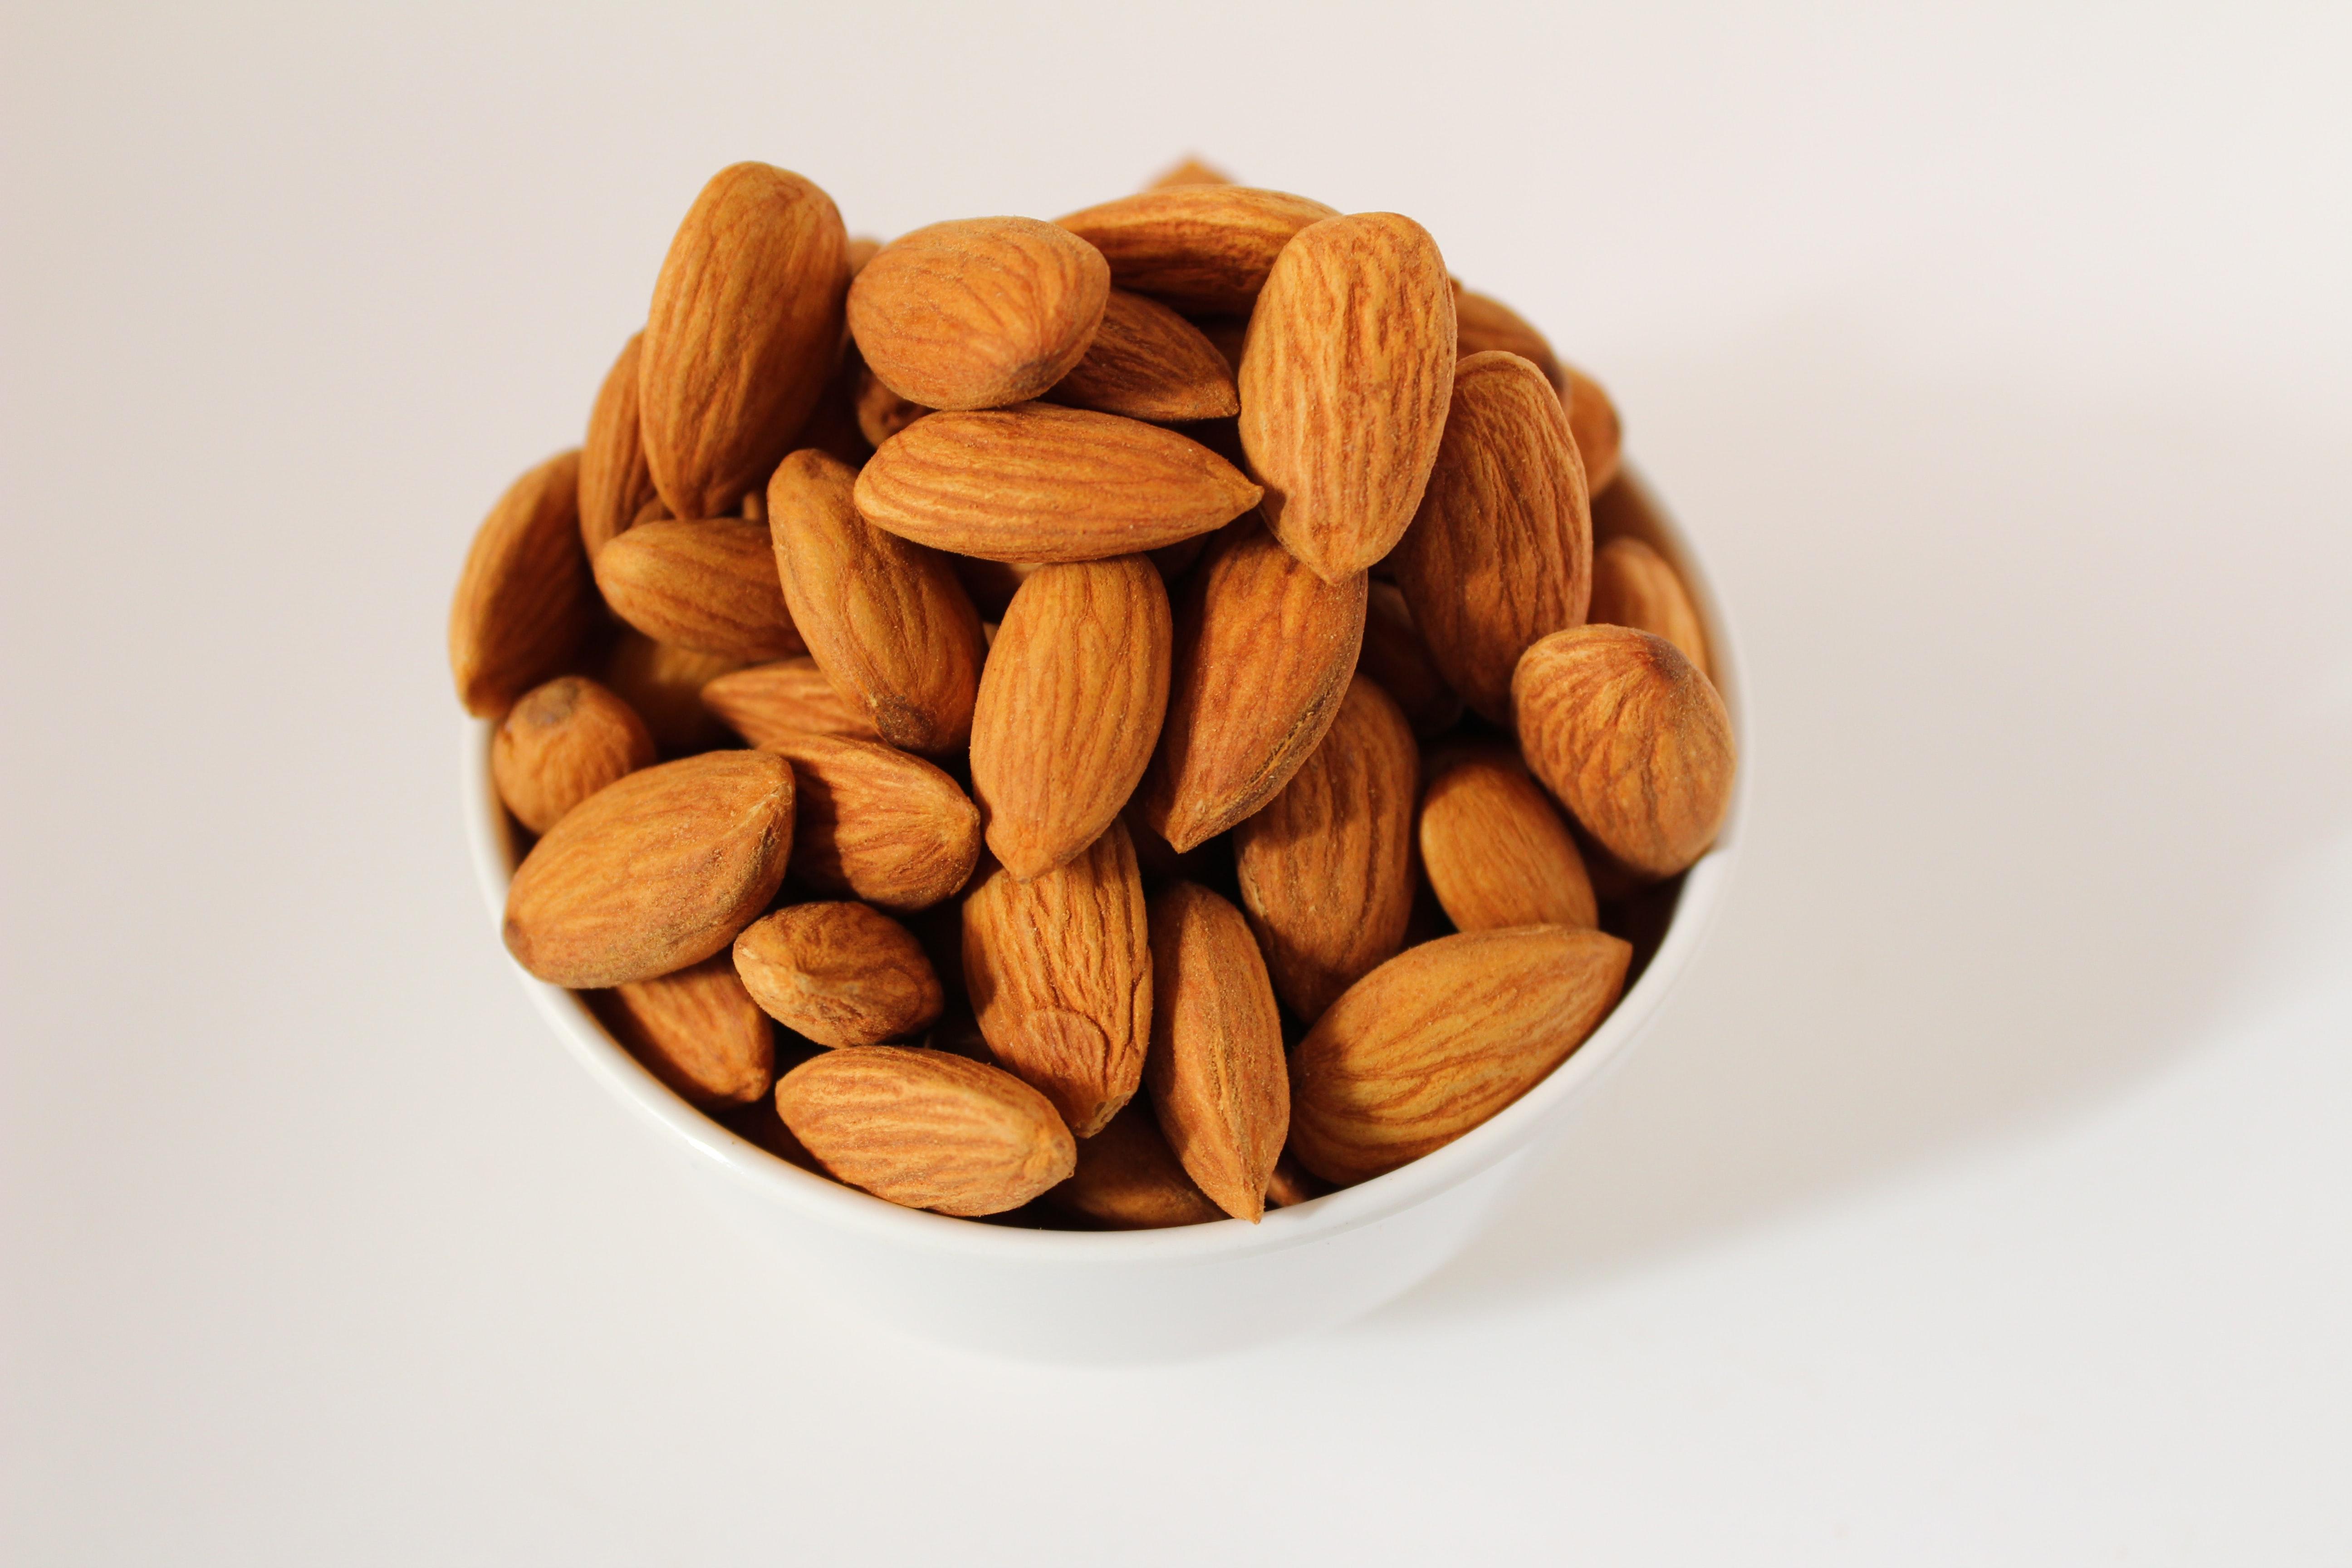 Almonds (Credits: Unsplash)